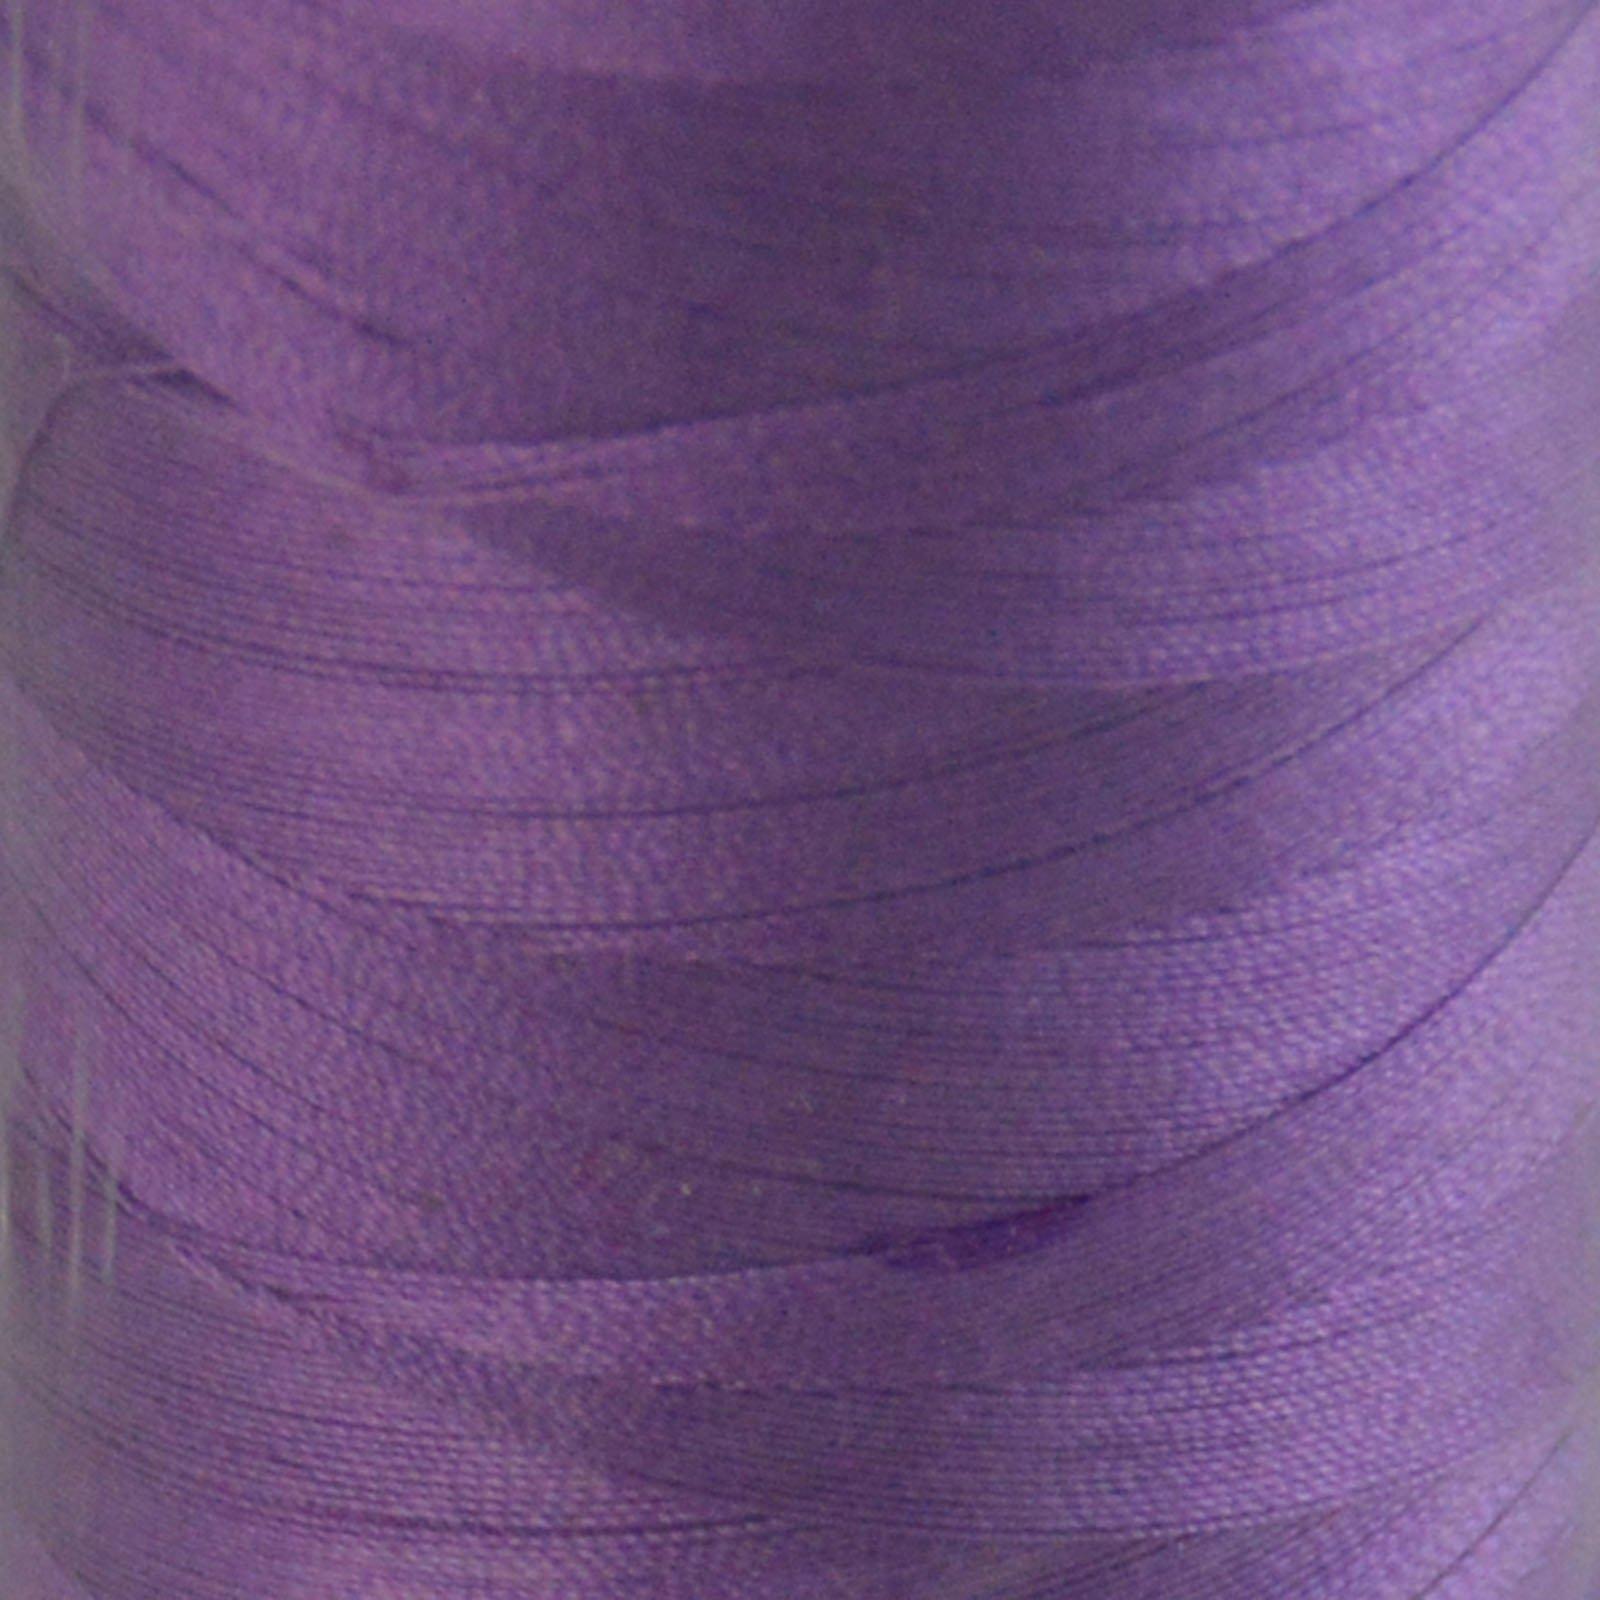 # 2540 Medium Lavender